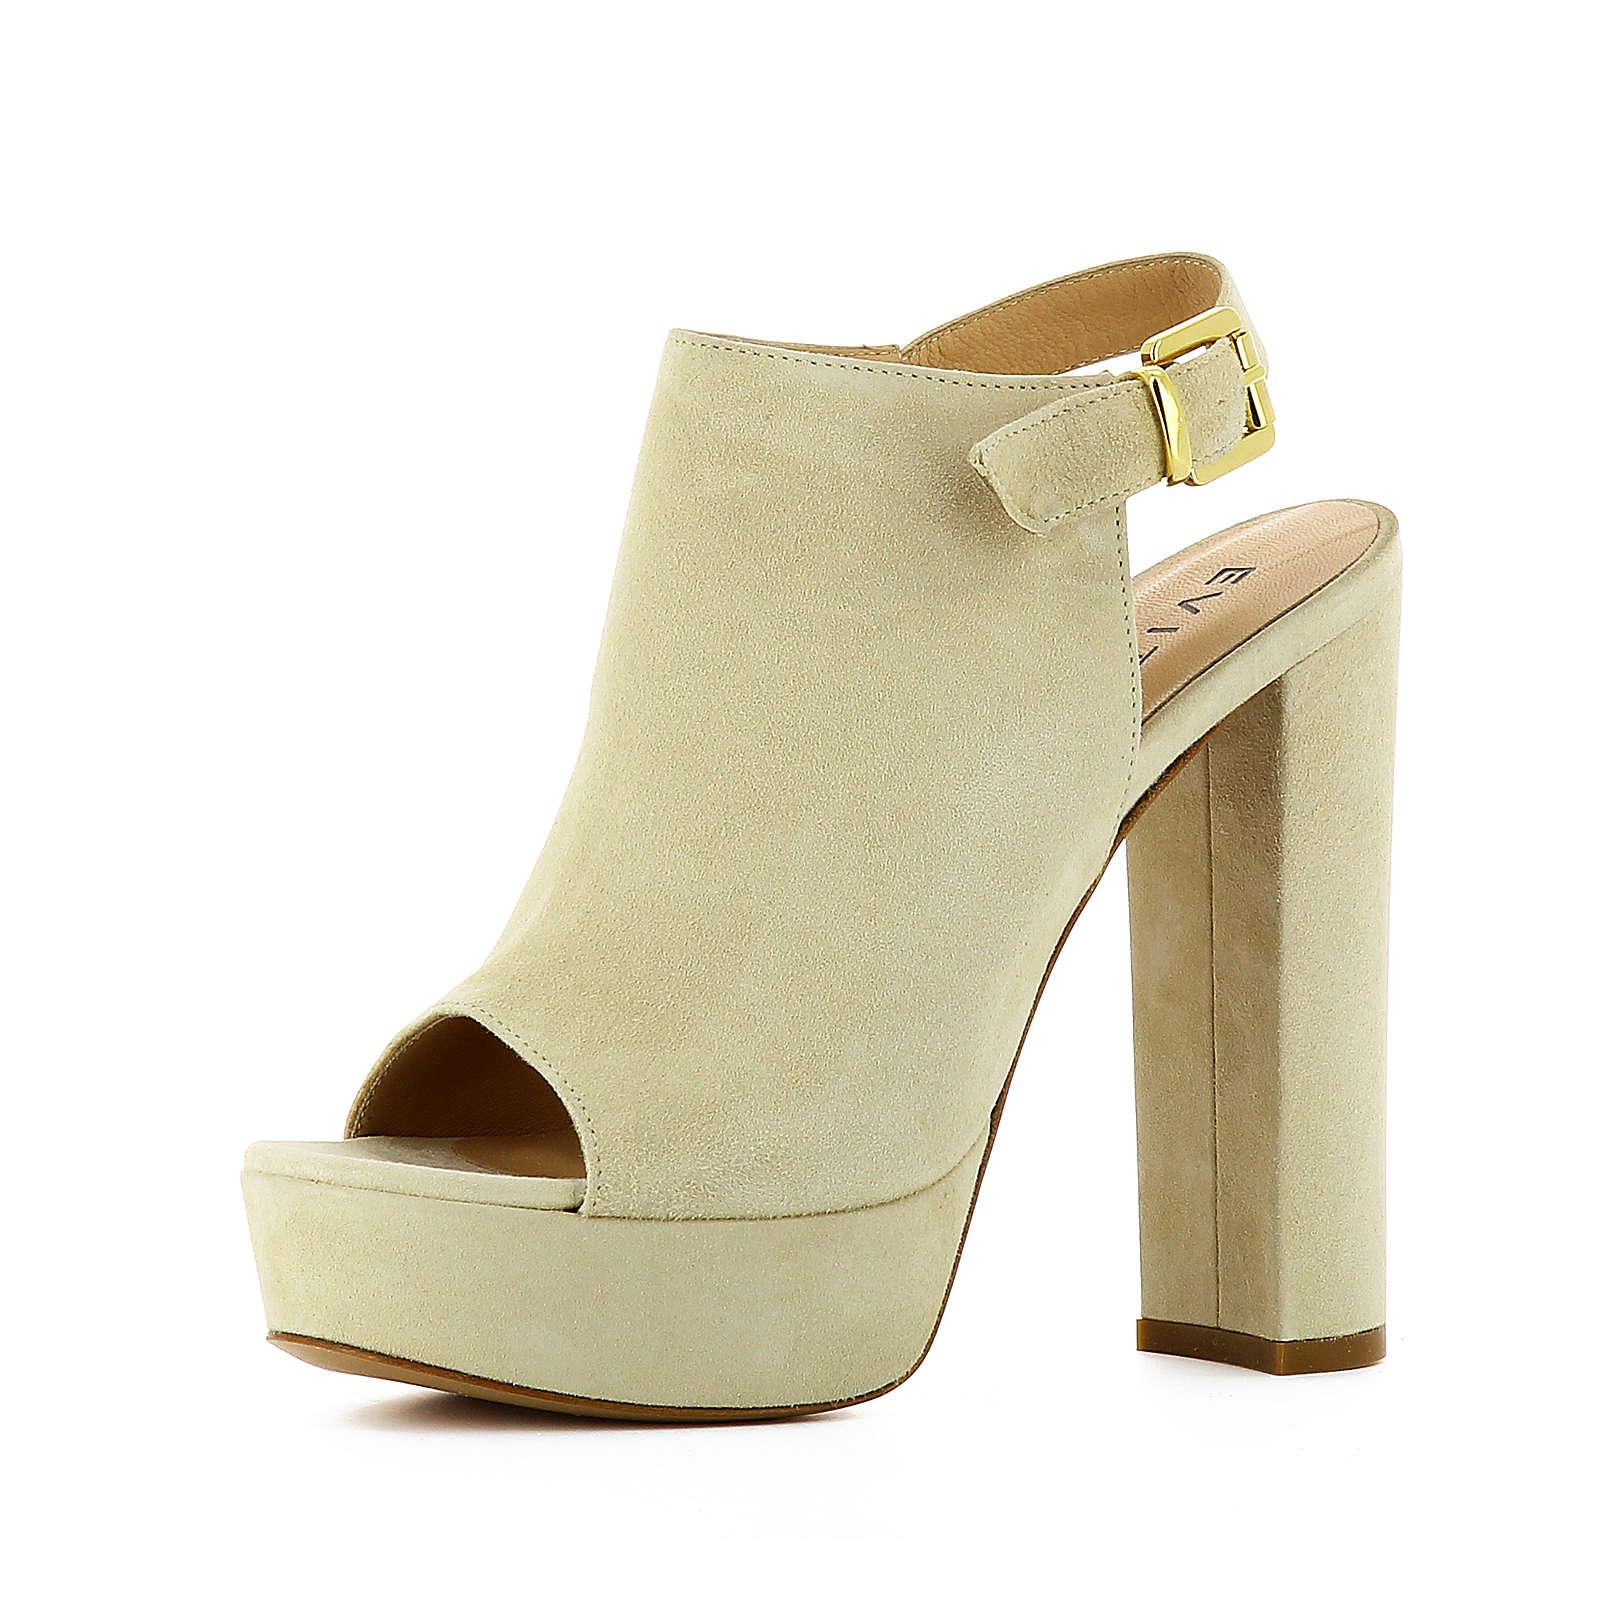 Evita Shoes Sandaletten beige Damen Gr. 41